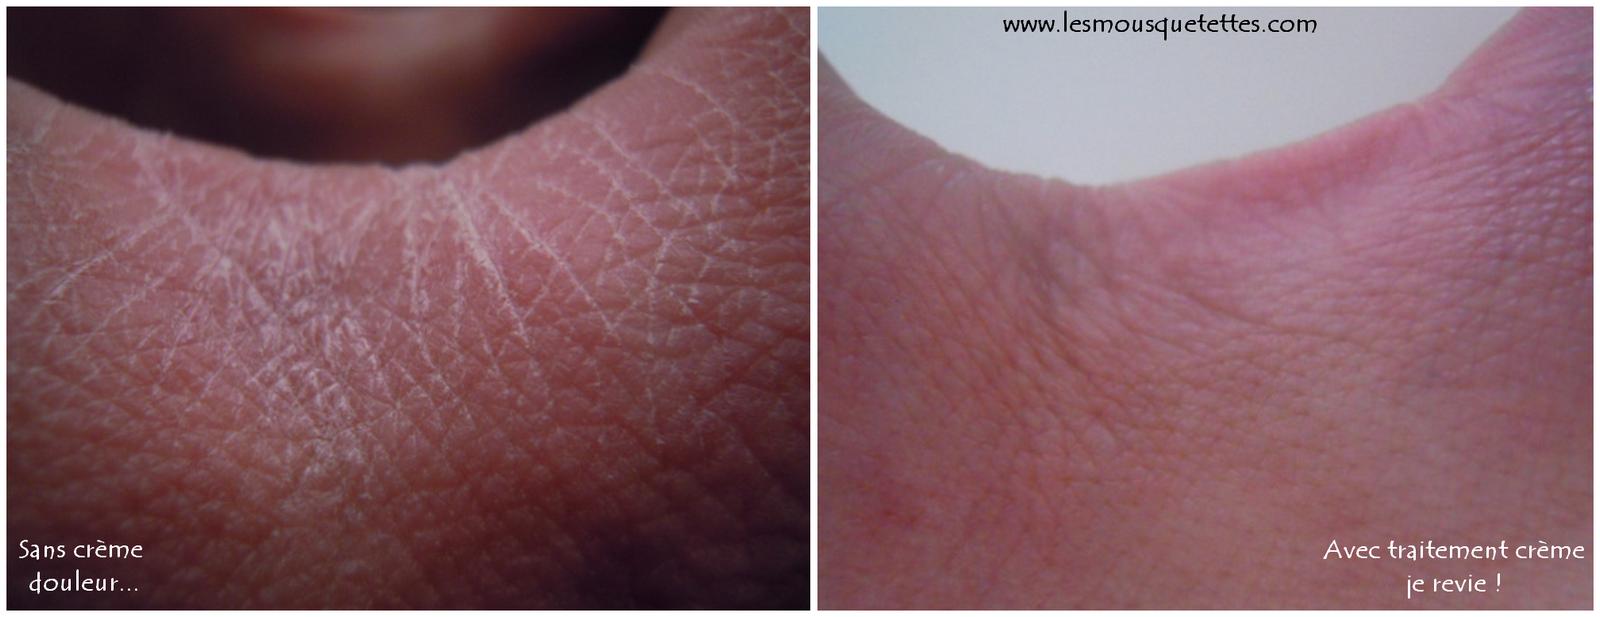 Avant/après Crème mains nourrissante Marilou BIO - Les Mousquetettes©